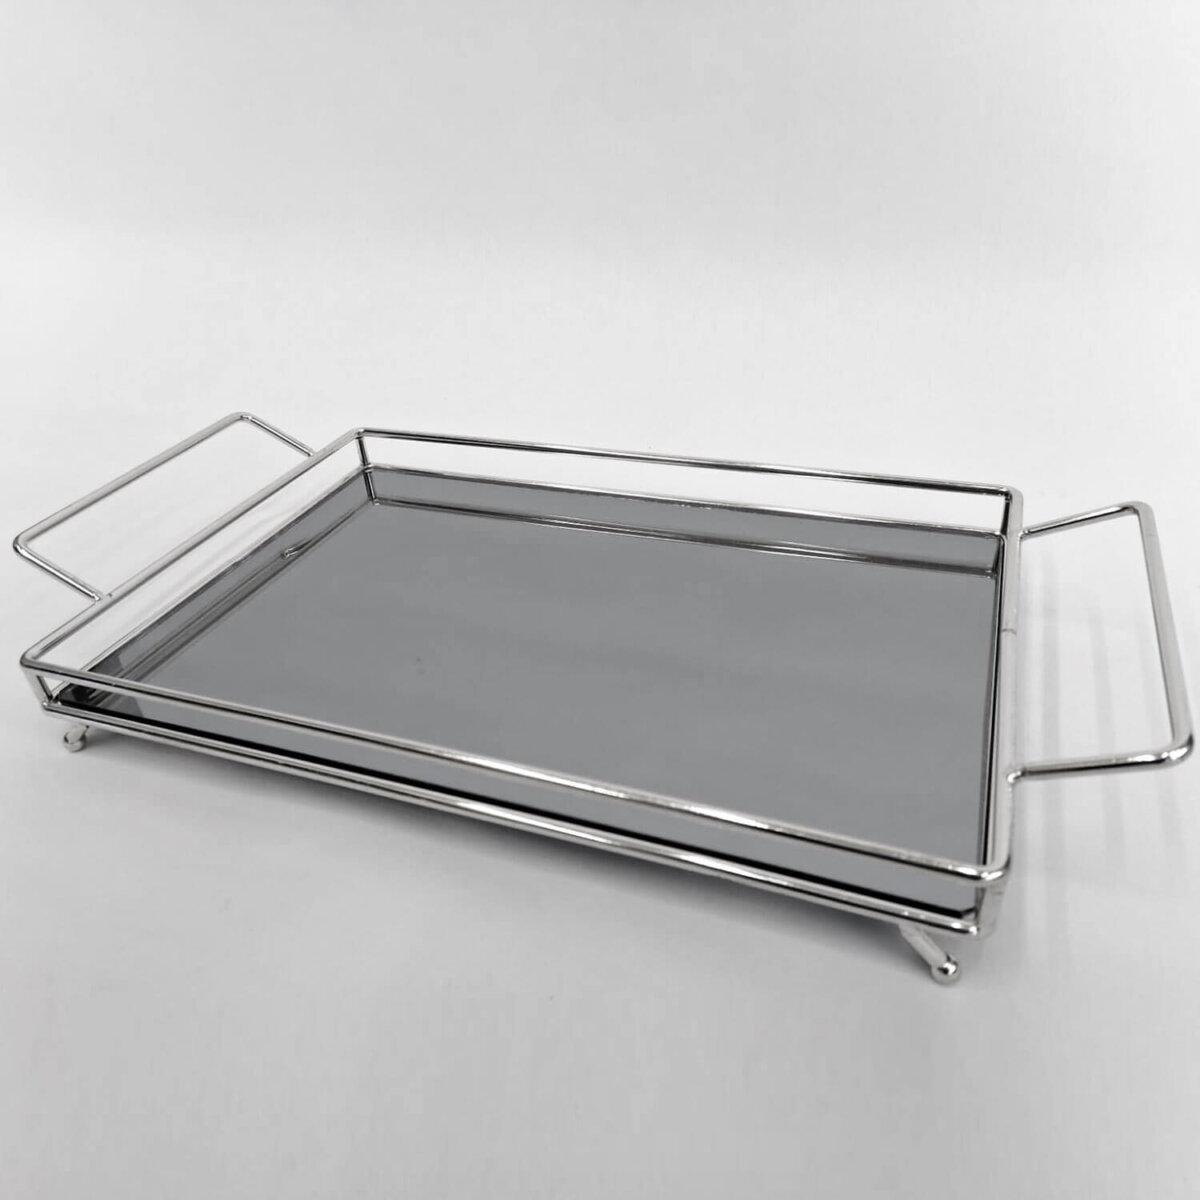 Alice Dekoratif Aynalı Metal Sunum Tepsi 24x34cm Dekoratif Ürünler